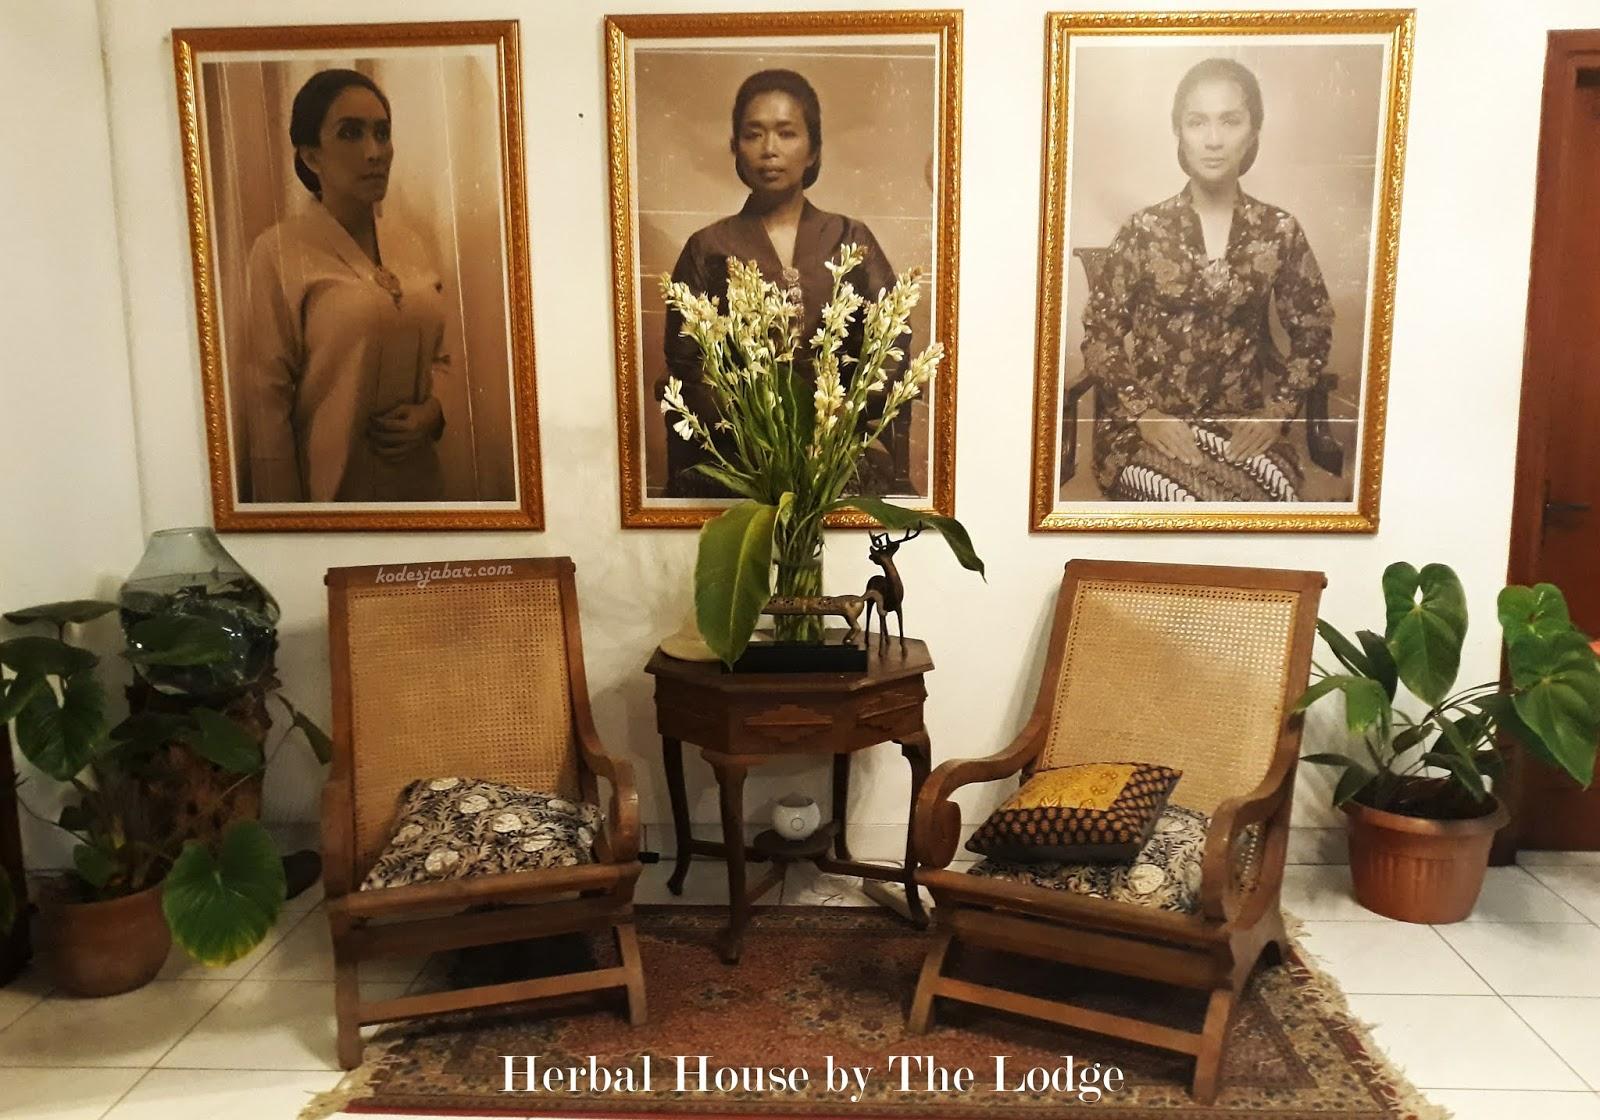 Herbal House by The Lodge, Tempat Kuliner Herbal Paling Enak di Bandung